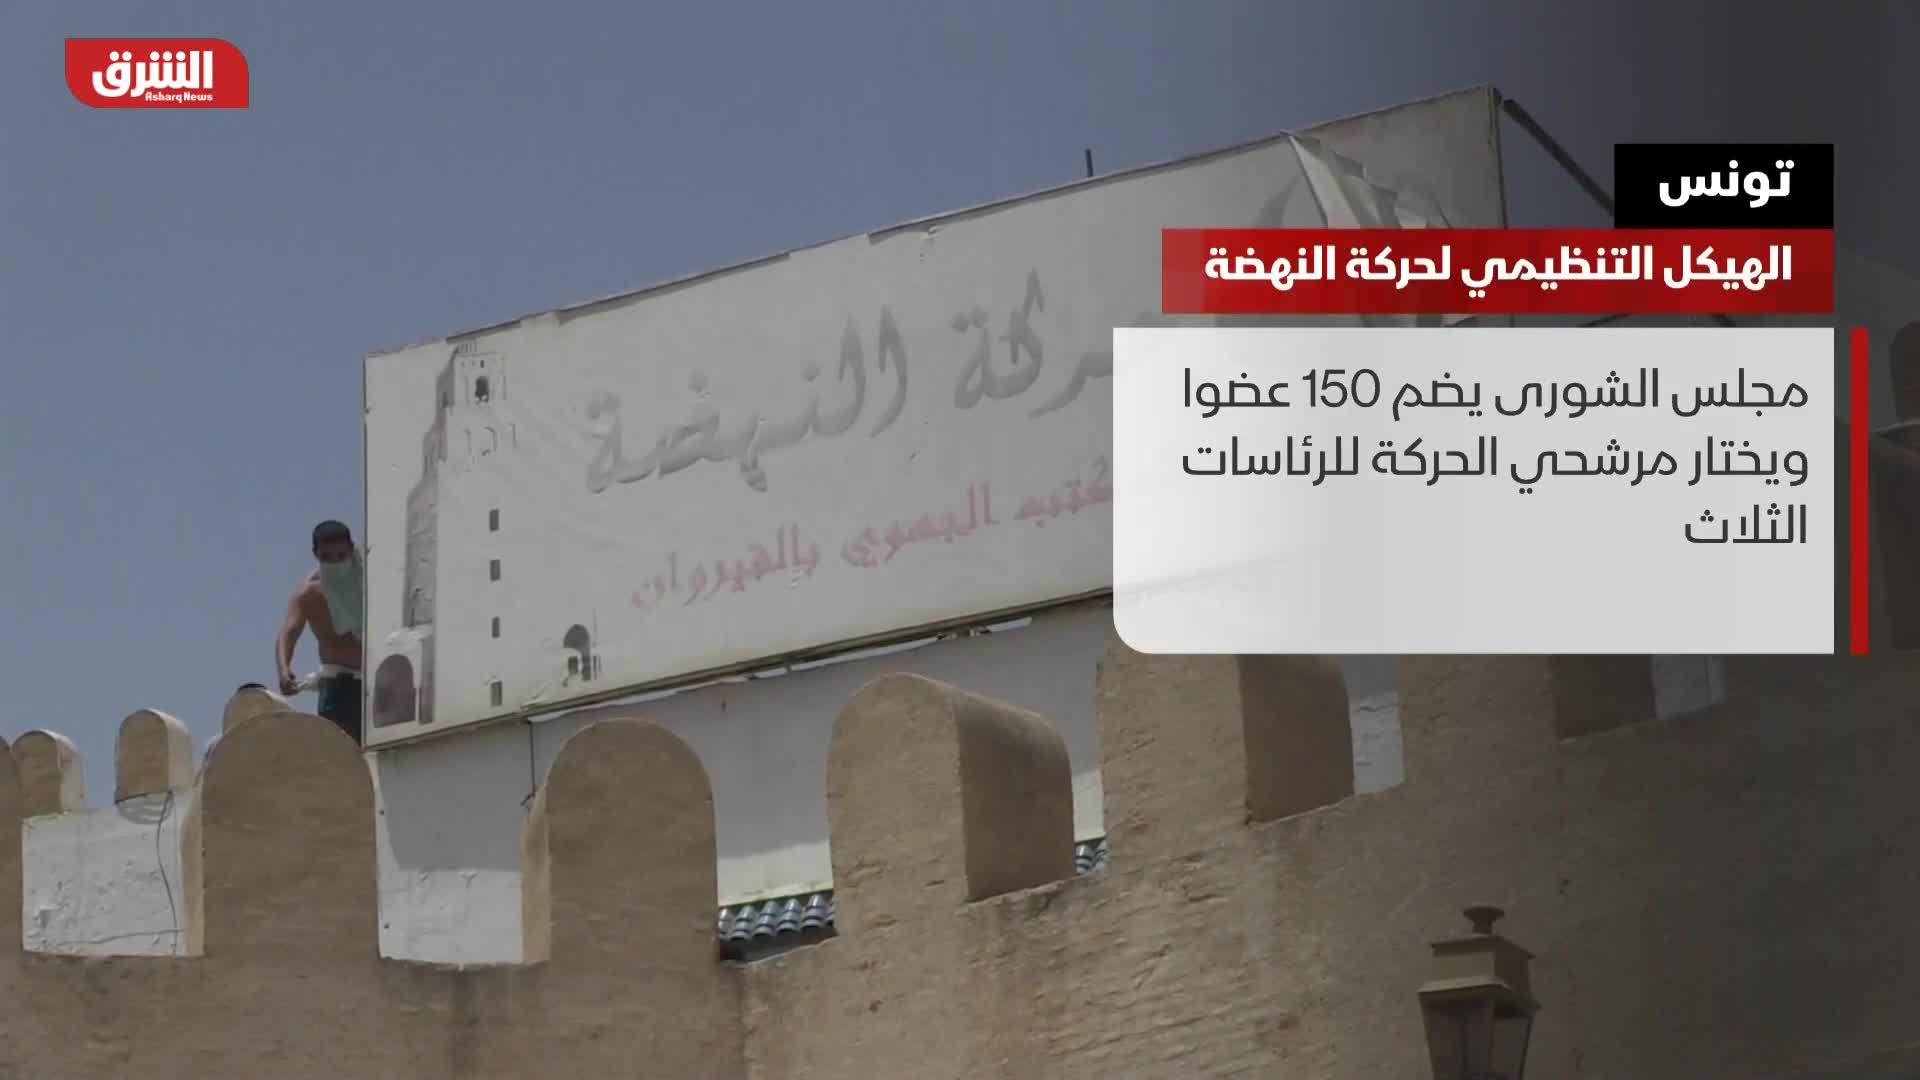 تونس.. الهيكل التنظيمي لحركة النهضة